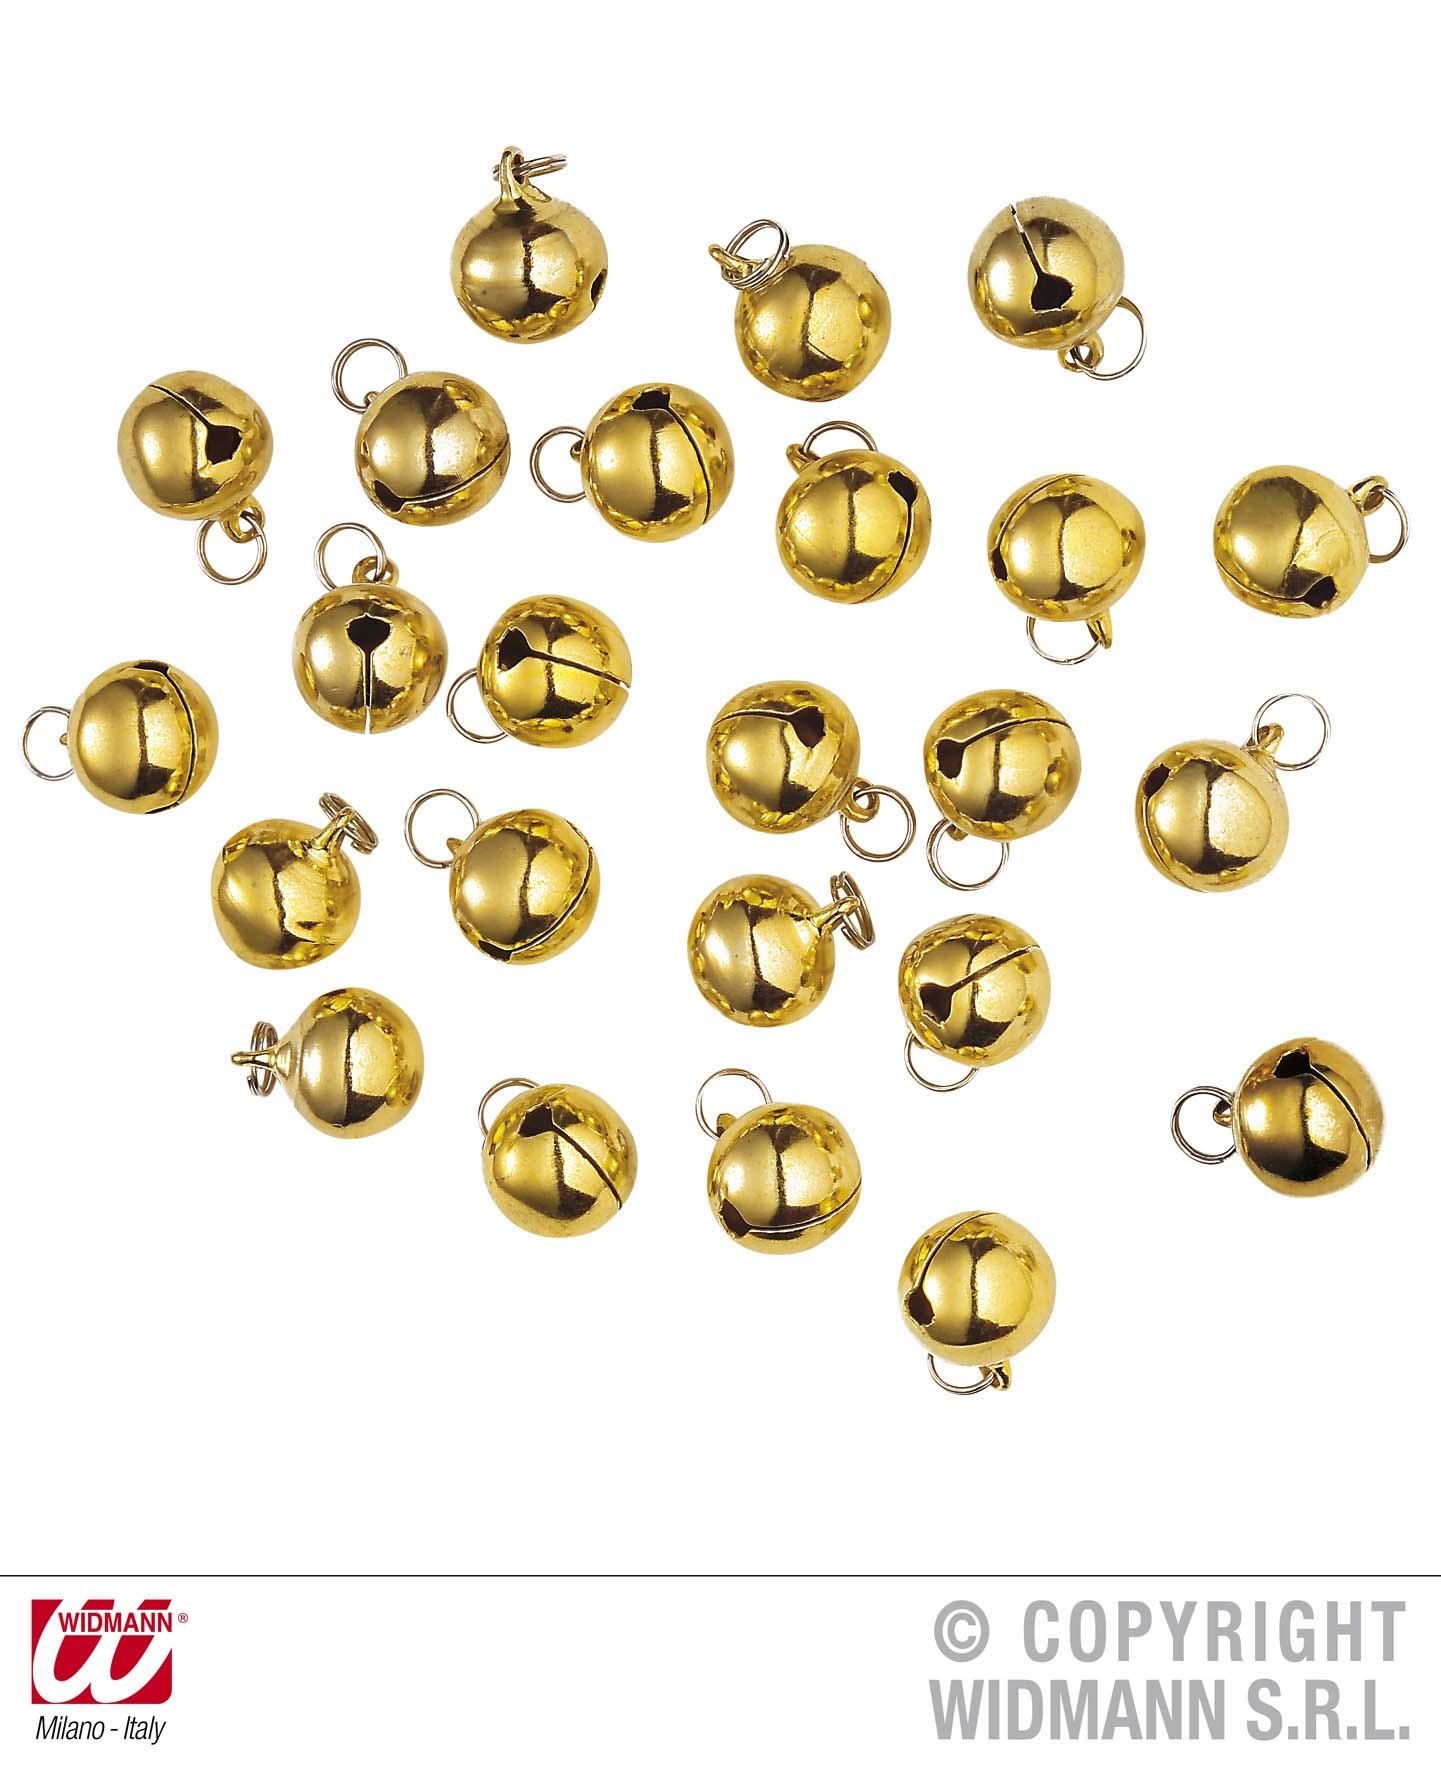 24 Weihnachtsglöcken, Glöckchen Messing, gold, Schellen mit Öse